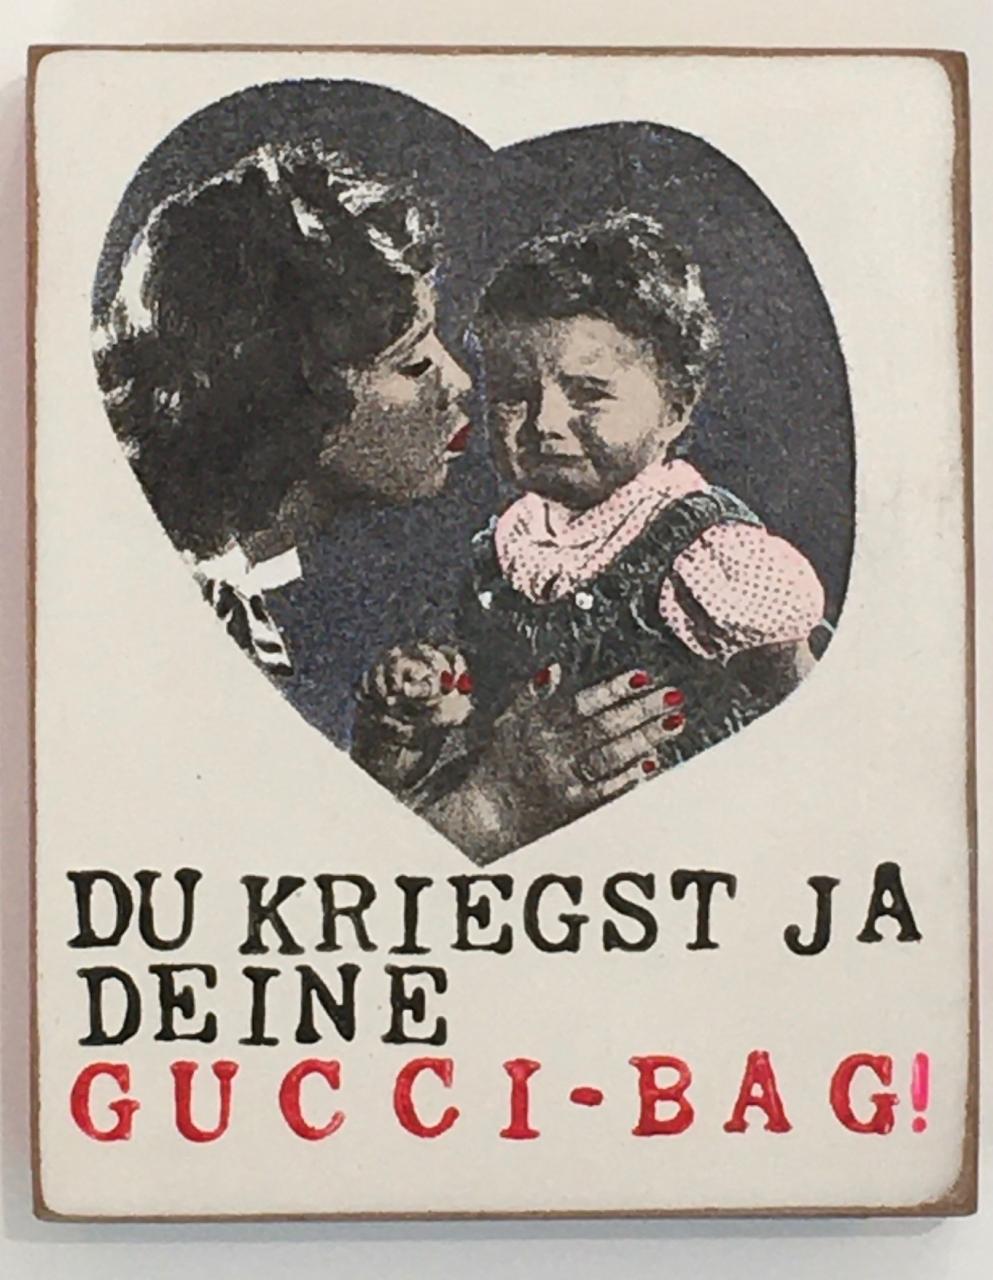 Du kriegst ja deine Gucci Bag Liebling - hoch